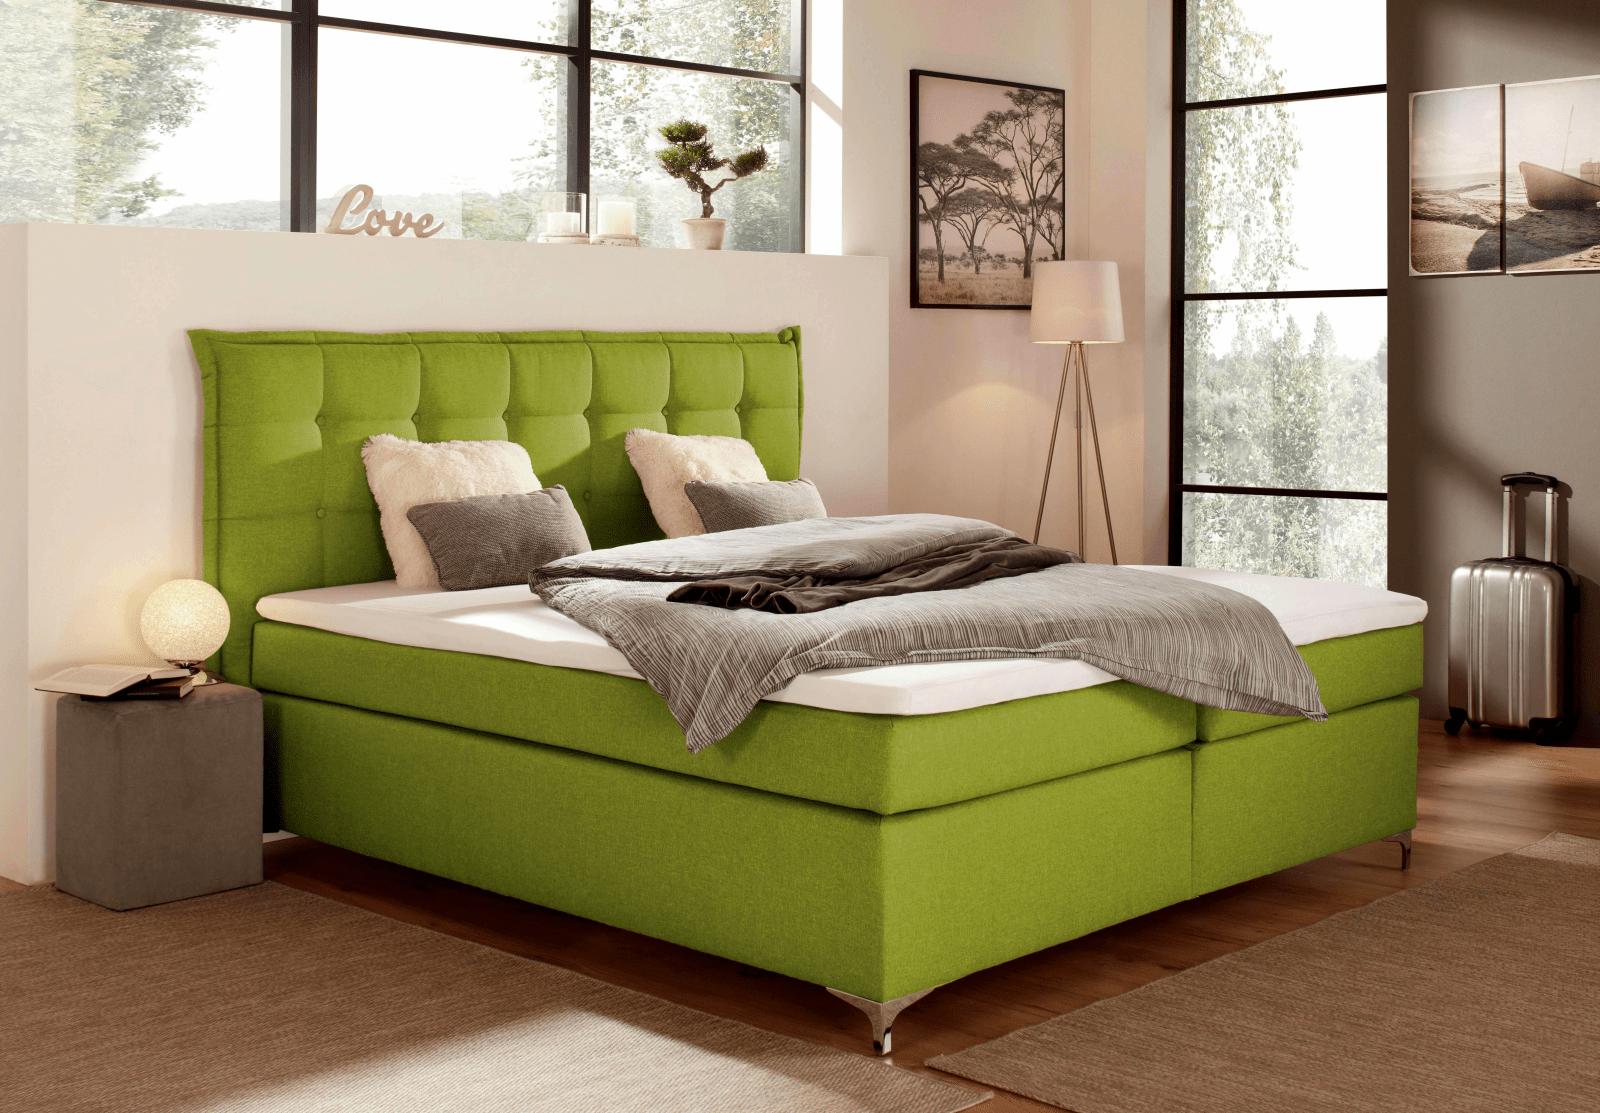 Enorm Bett 160X200 Günstig Kaufen Gunstig Schon Gnstig Billige von Günstige Betten 160X200 Bild